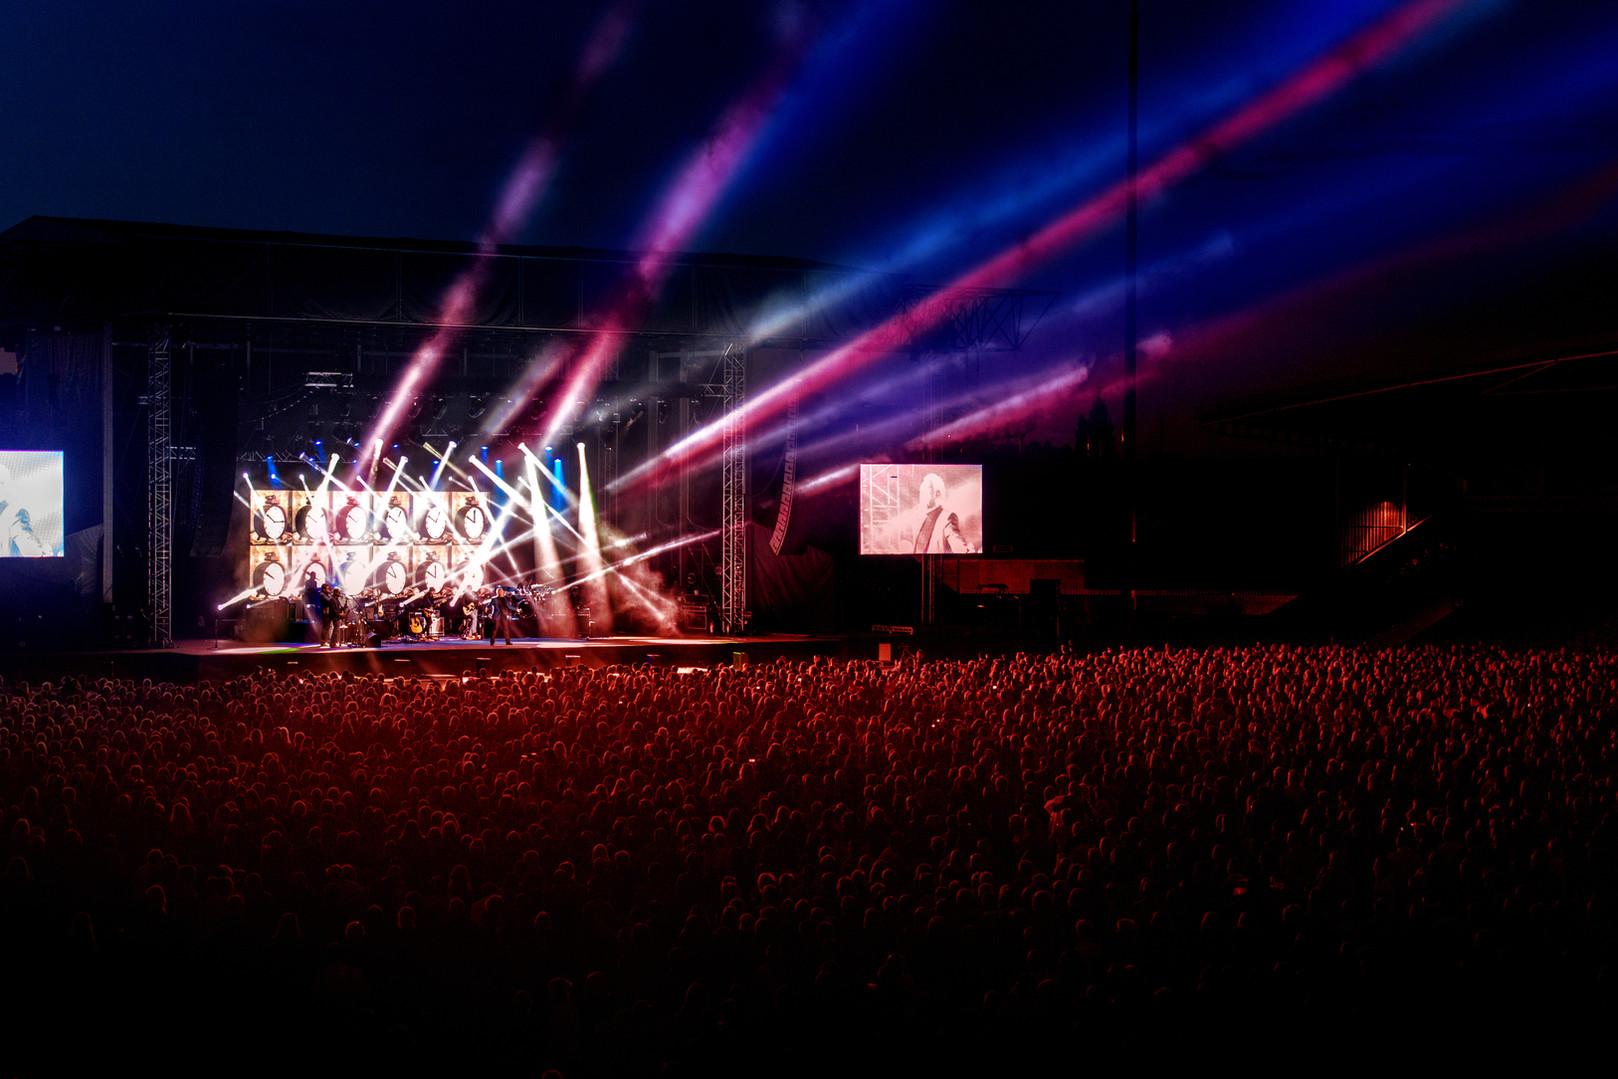 Bühnenbeleuchtung in Concert